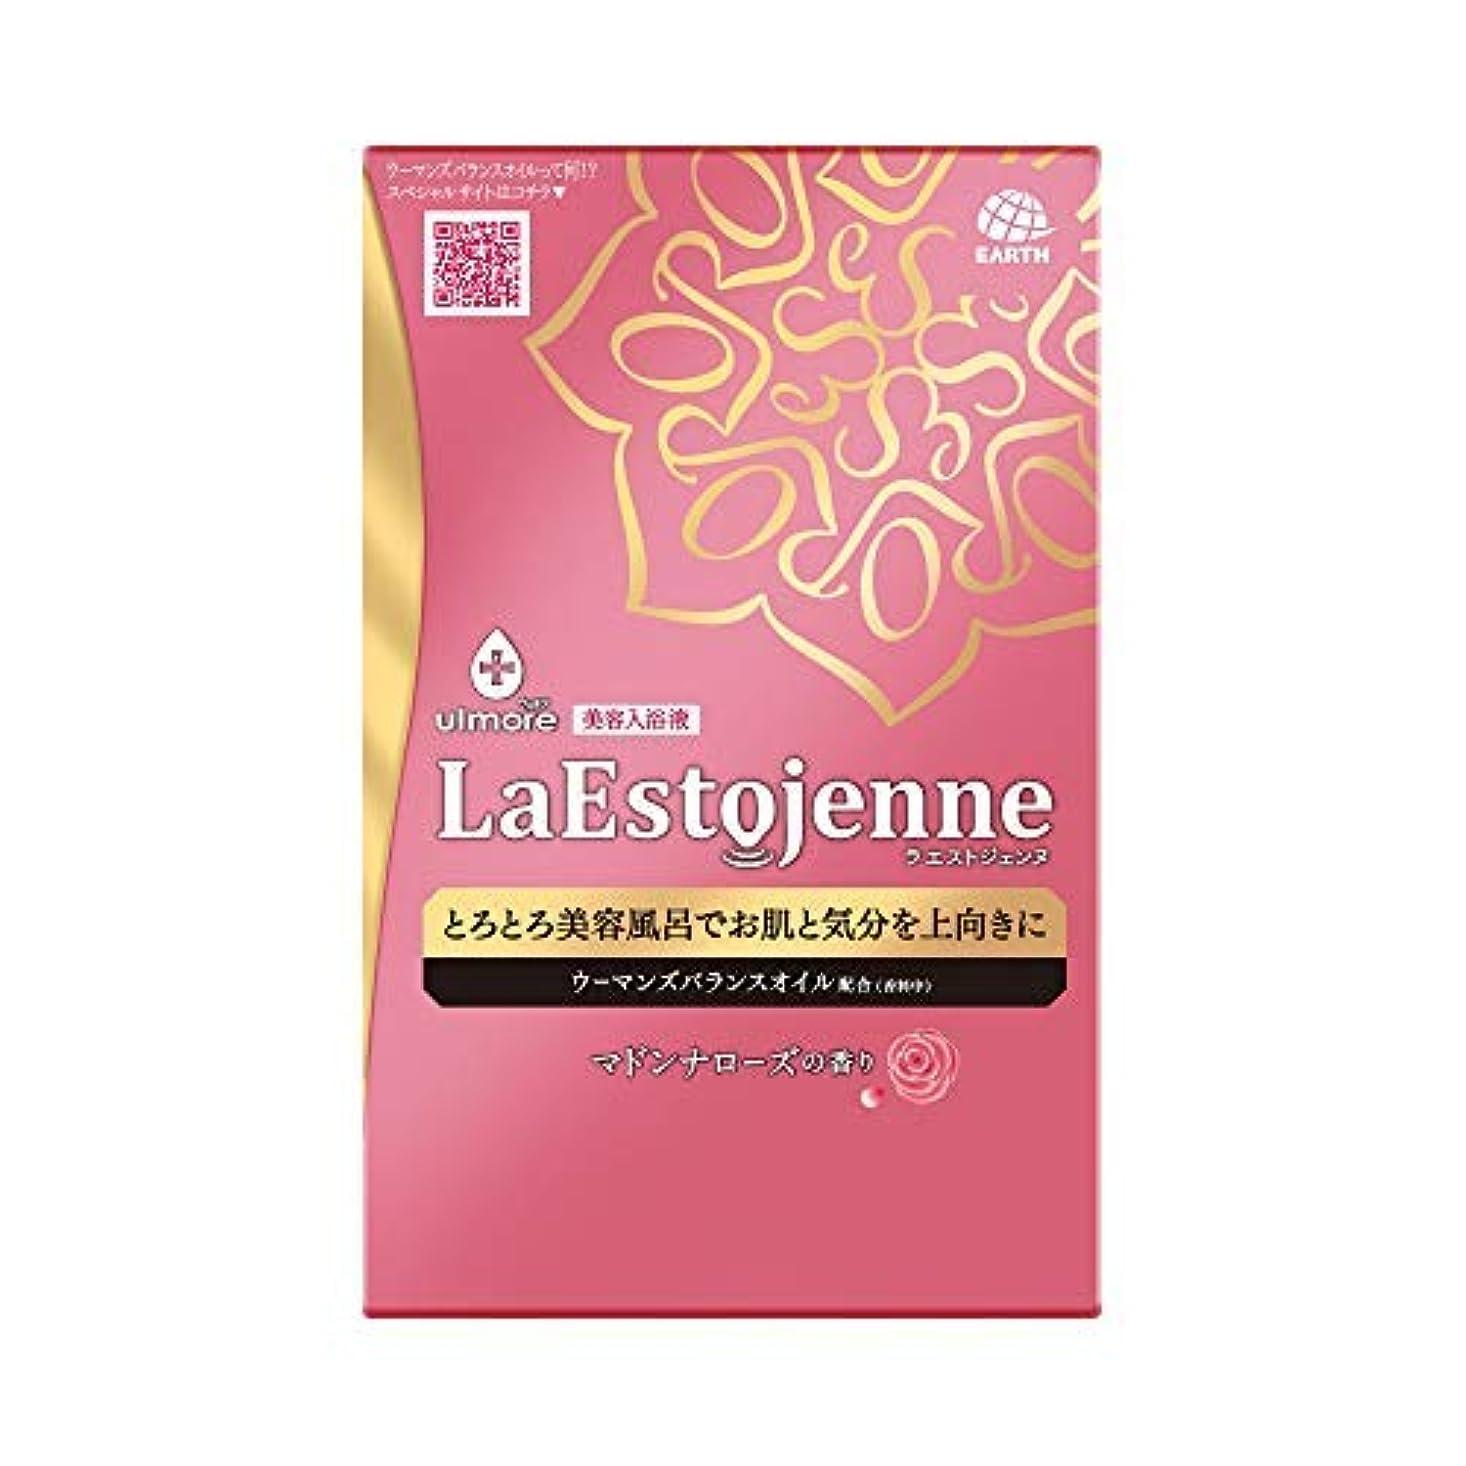 抜粋ヒューバートハドソン吸収するウルモア ラエストジェンヌ マドンナローズの香り 3包入り × 4個セット